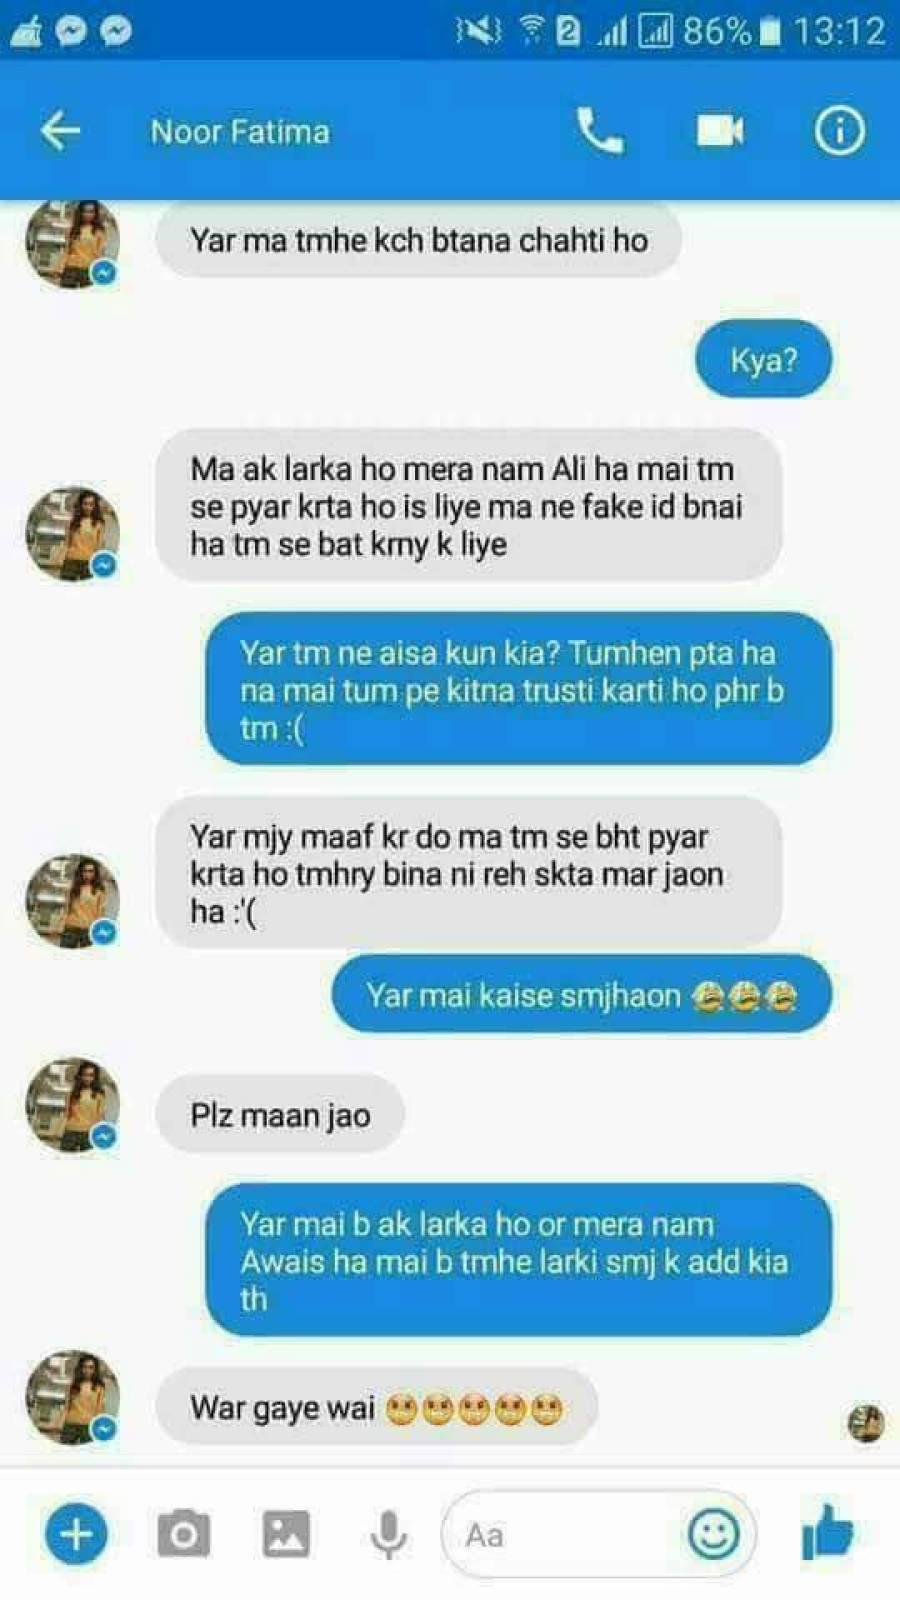 اردو سہکس چودای bazarrr ir